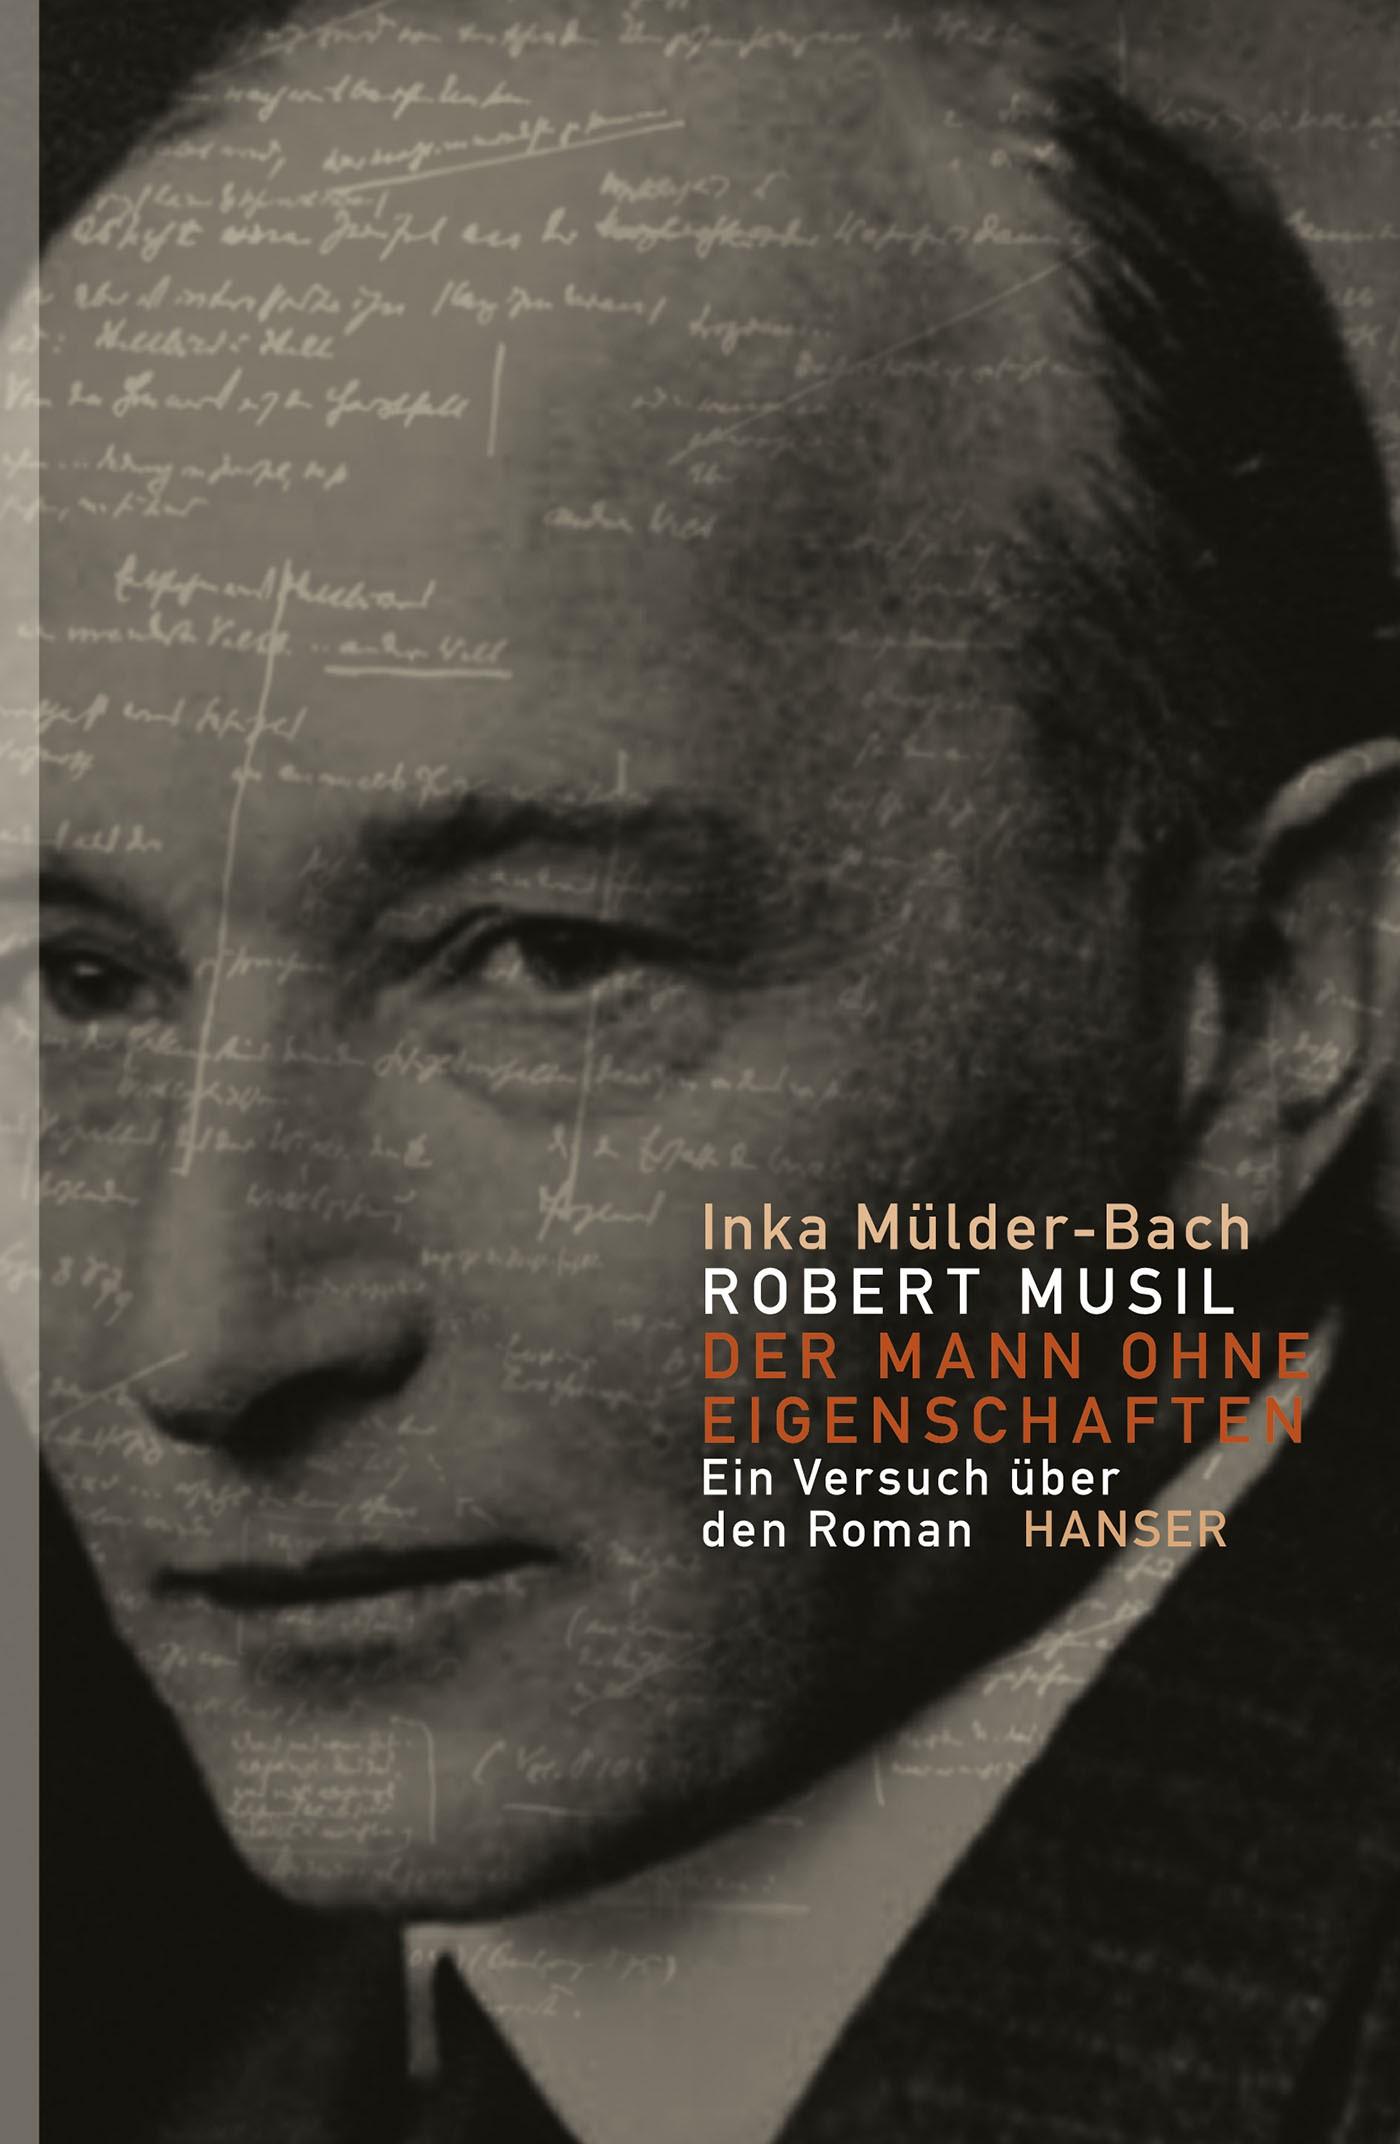 Robert Musil: Der Mann ohne Eigenschaften   Mülder-Bach, 2013   Buch (Cover)